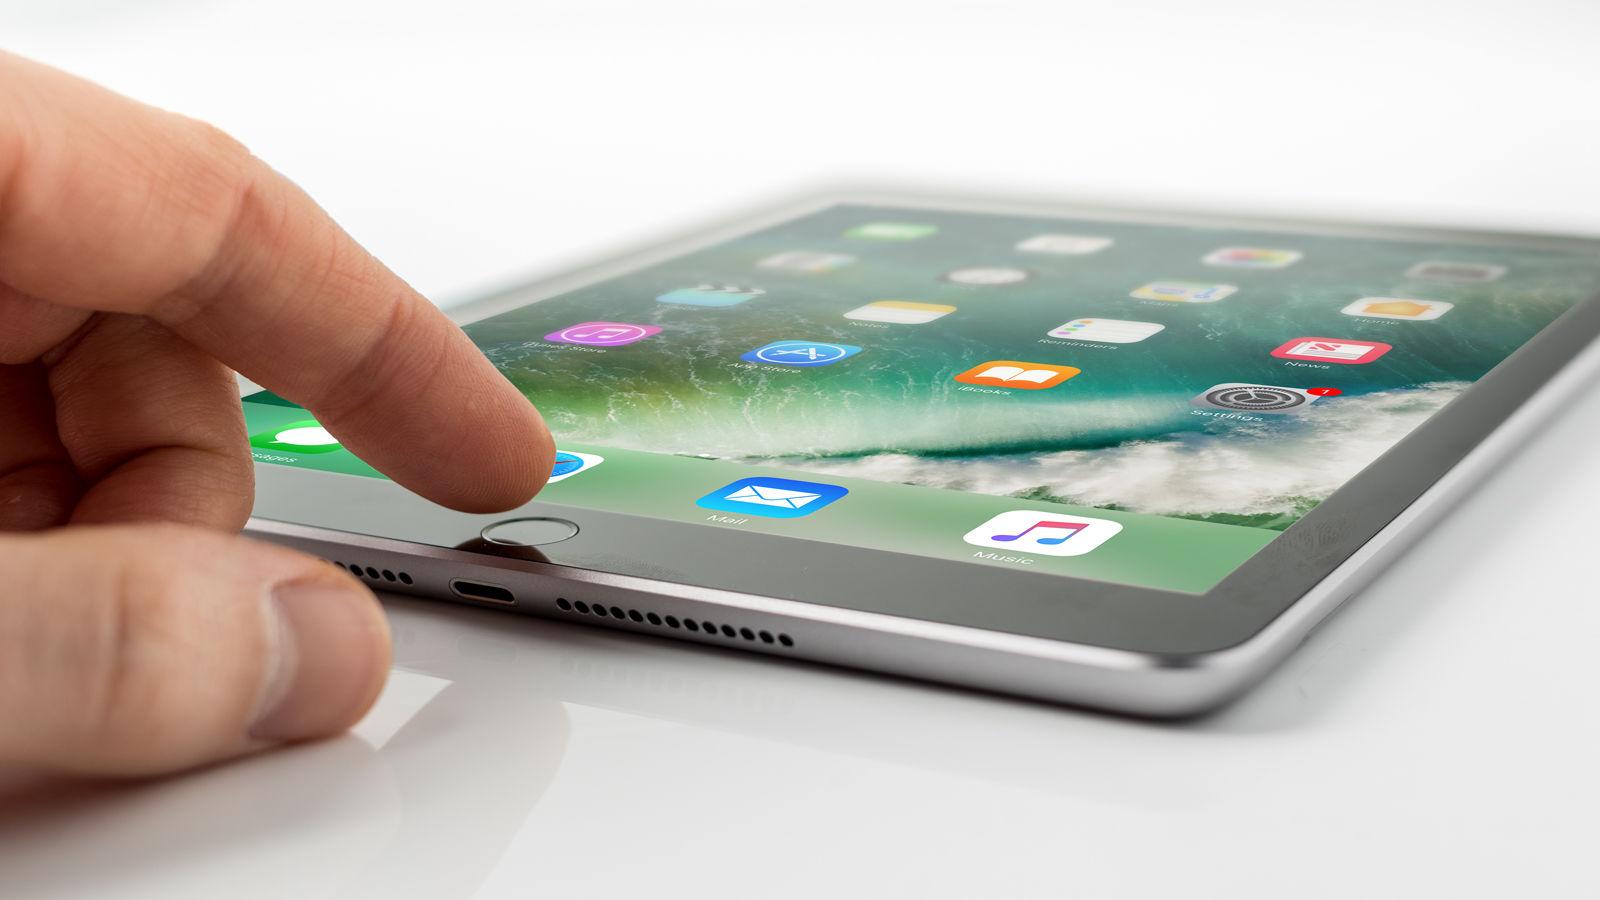 Cómo usar un iPad: botón de inicio